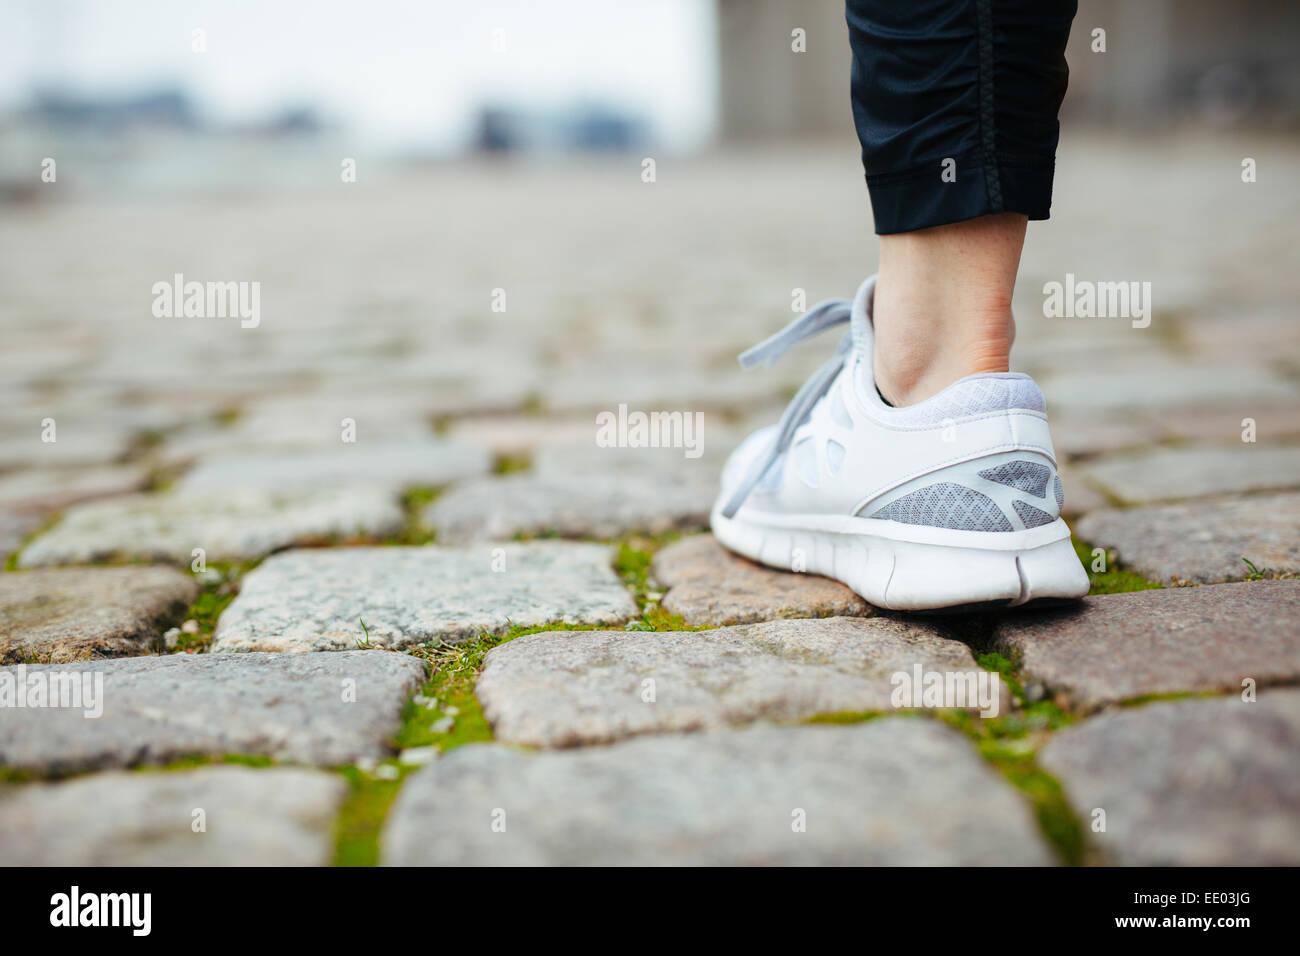 Gamba del pareggiatore femmina camminando sul marciapiede. La messa a fuoco di scarpe. Donna piedi sul marciapiede. Immagini Stock